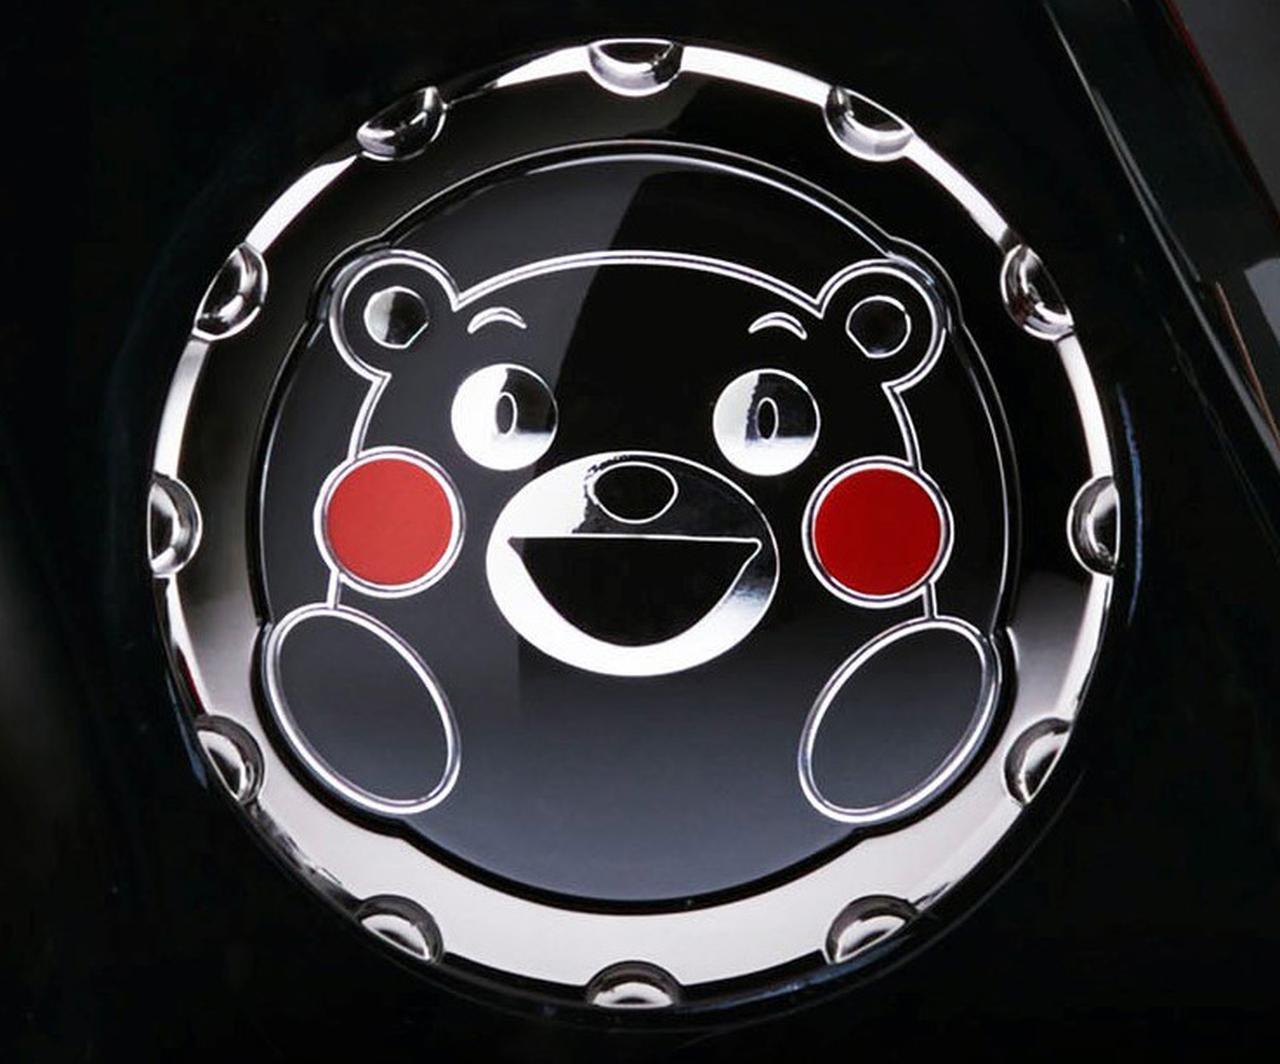 画像: くまモン バージョンは、くまモンのエンブレムが備わるなど、遊び心溢れるデザイン・カラーが特徴です。